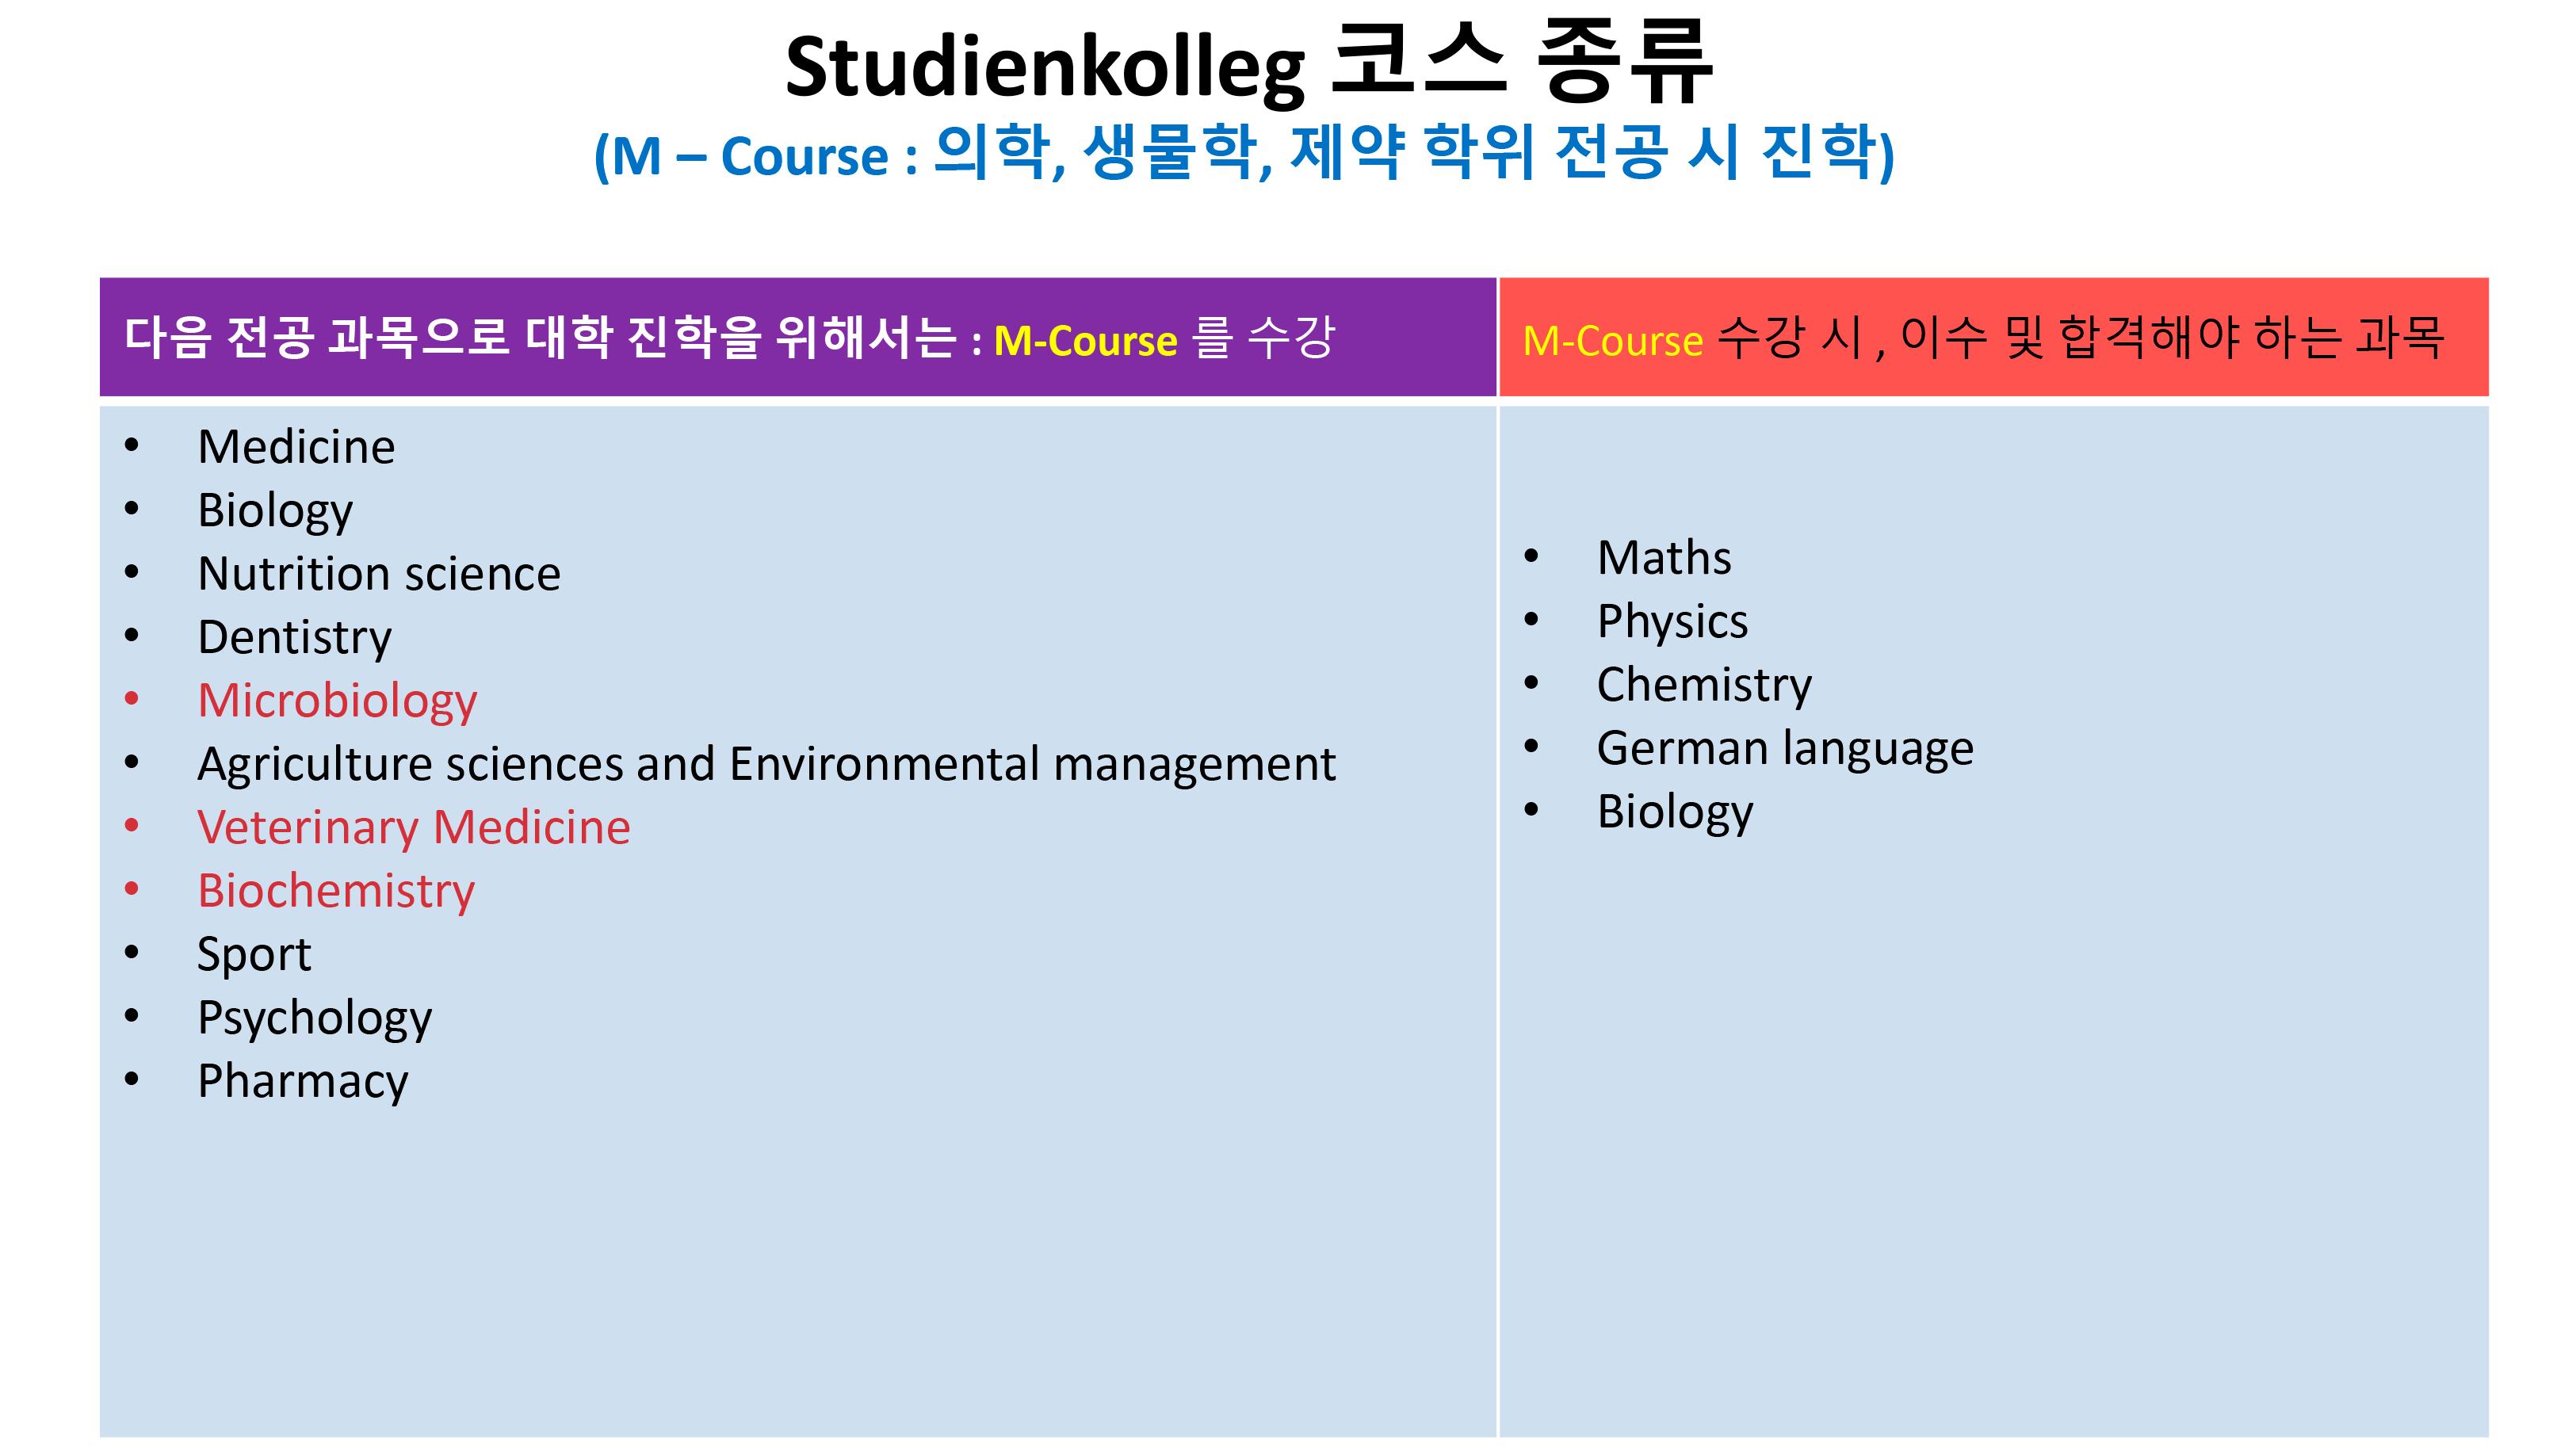 TLG-독일-어학연수-및-대학-진학반_유학원-설명용-(3)-25.png